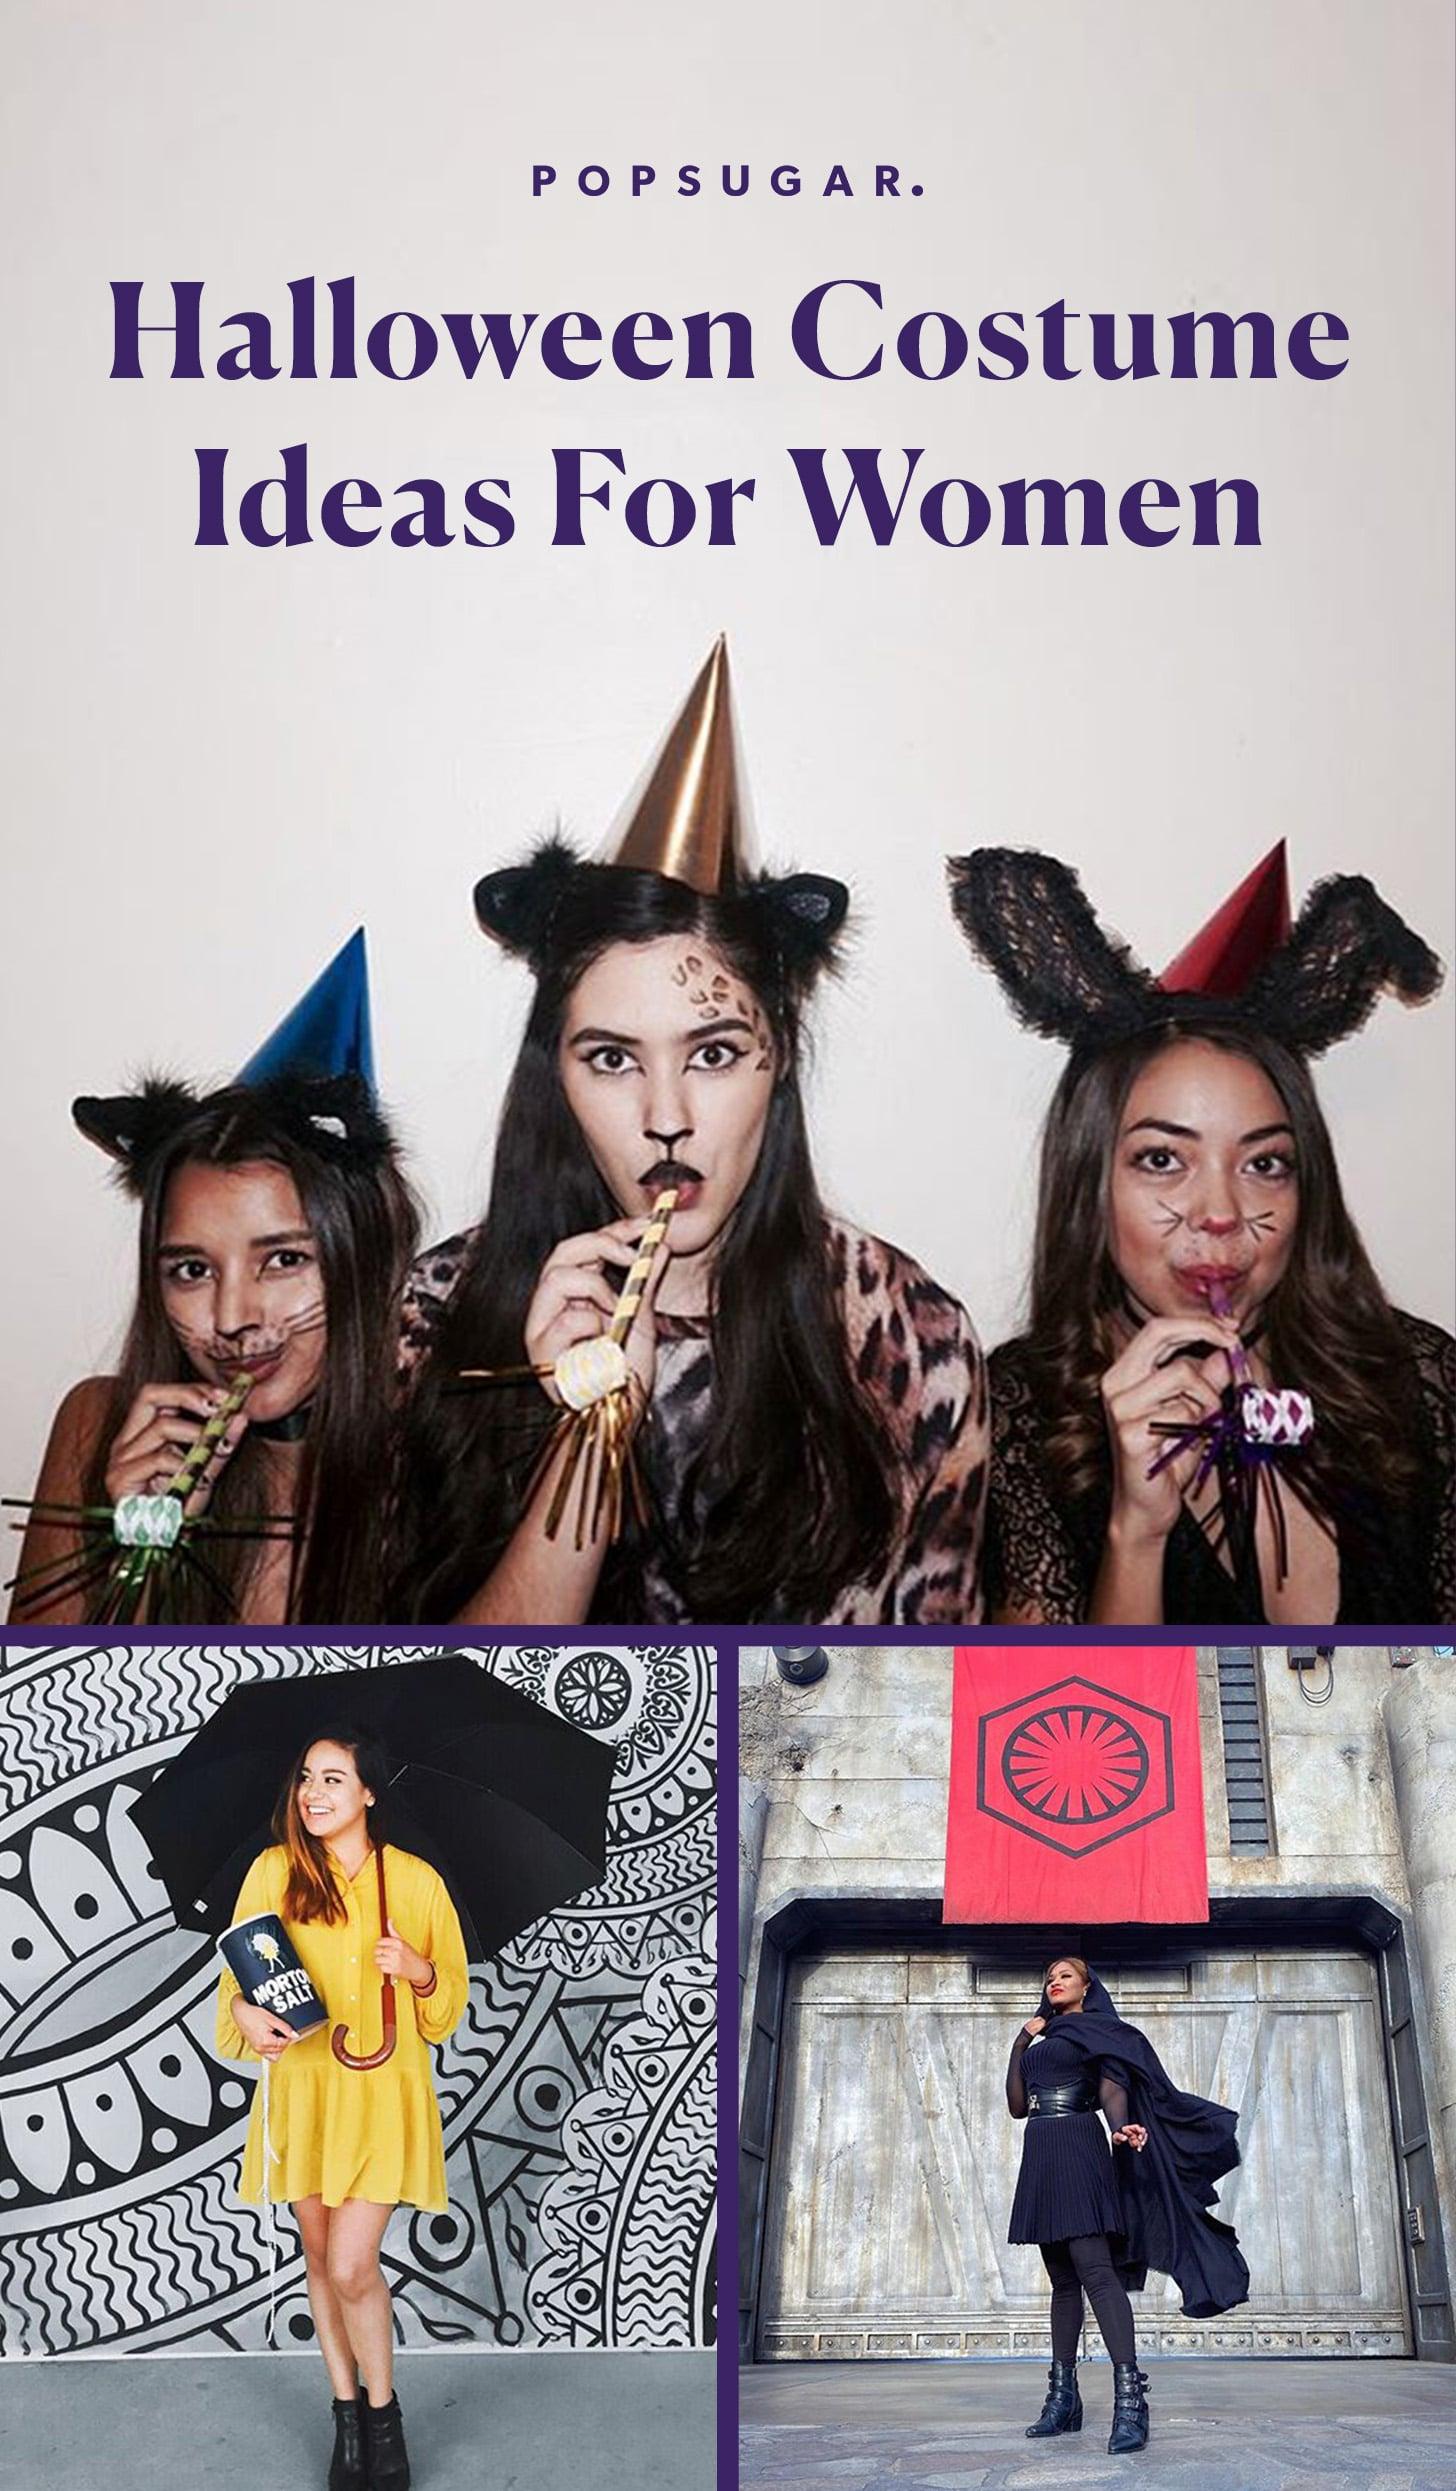 Best Ladies Halloween Costumes.The Best Halloween Costume Ideas For Women 2020 Popsugar Smart Living